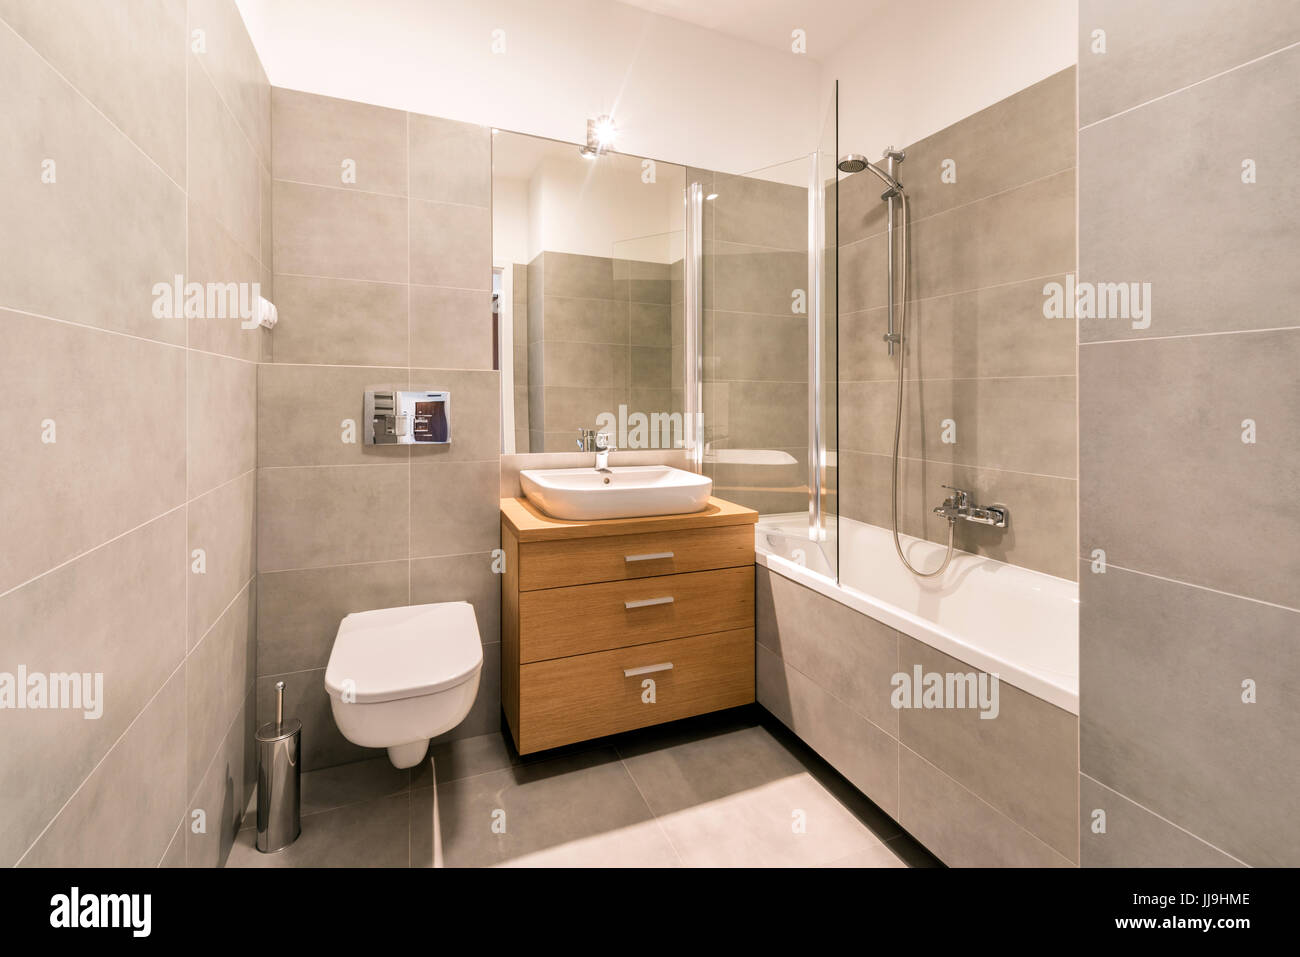 Fußboden Für Bad ~ Modernes bad mit fliesen auf dem fußboden in stilvolle wohnung